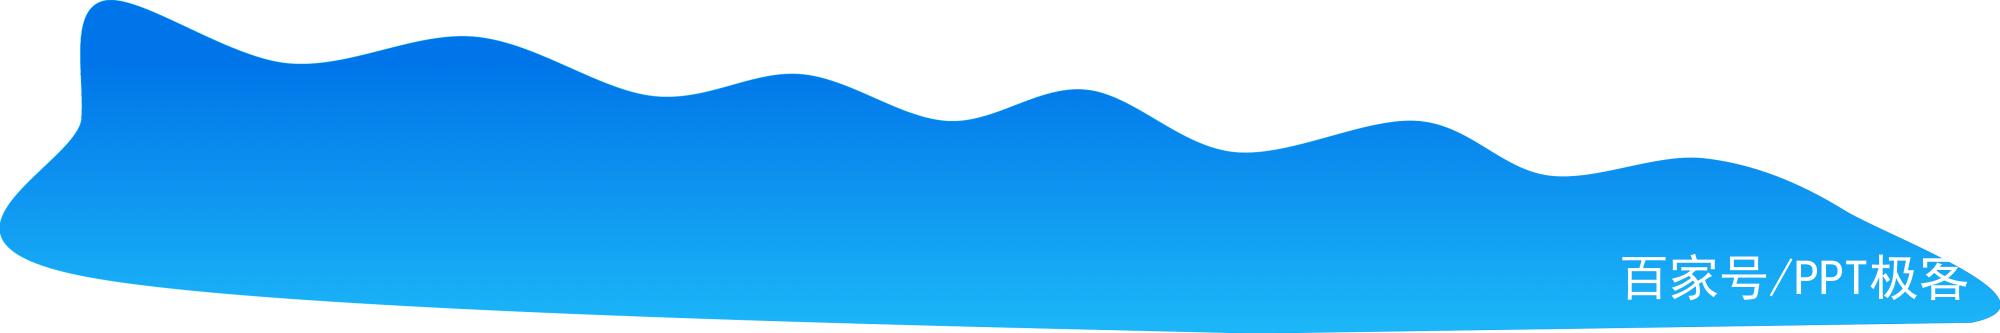 PPT模拟动态波浪,提高幻灯片的逼格